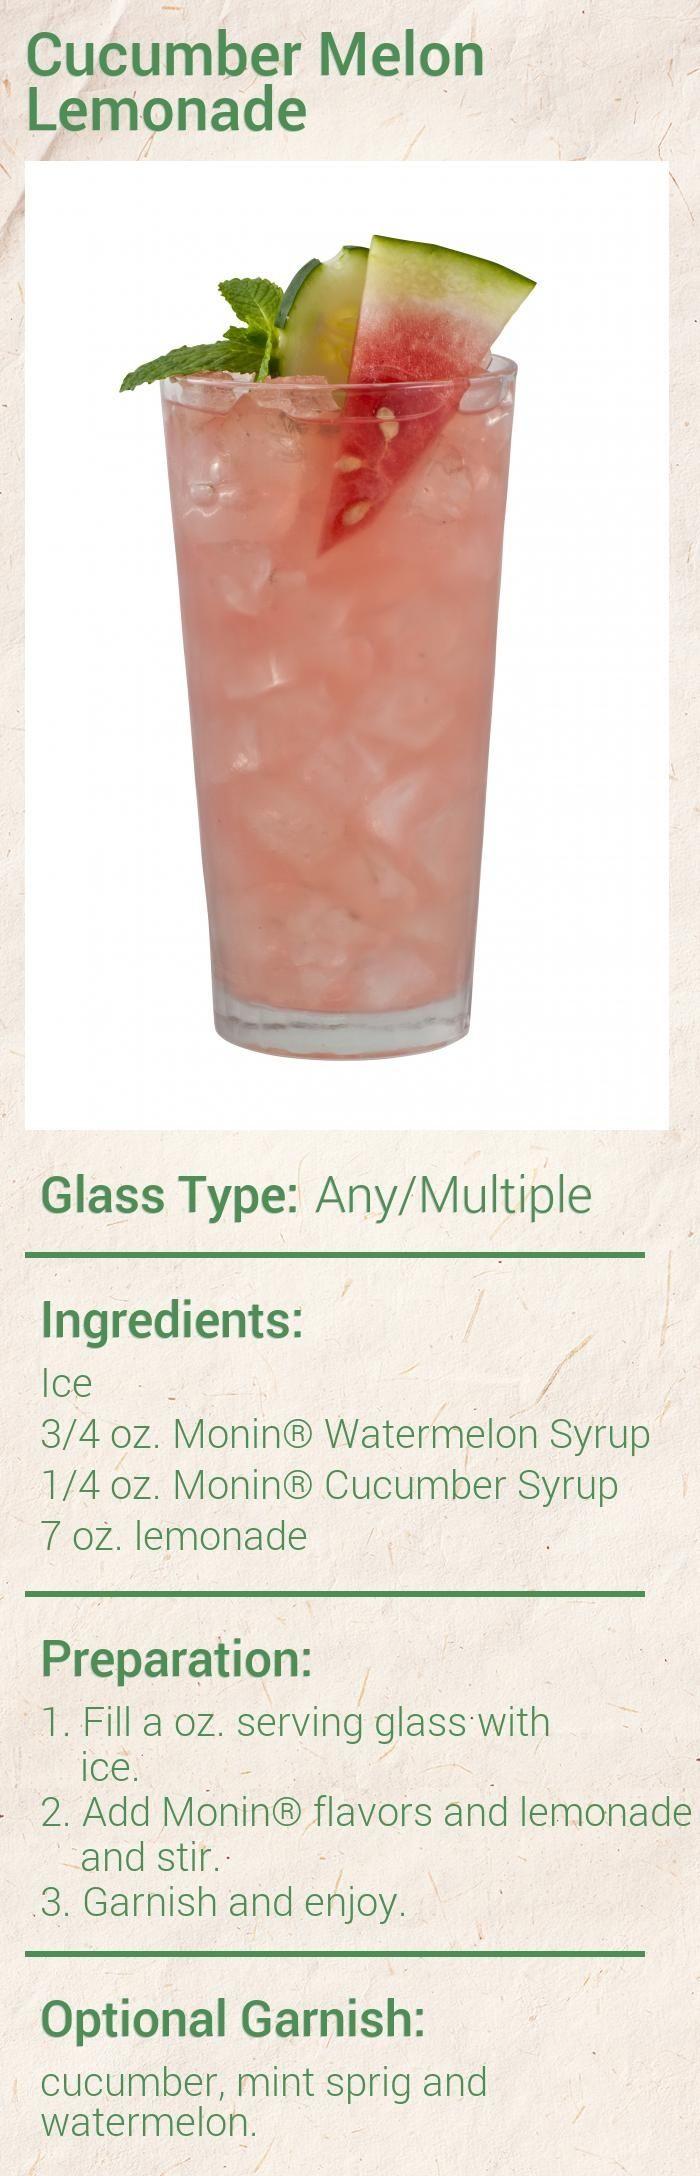 Cucumber Melon Lemonade